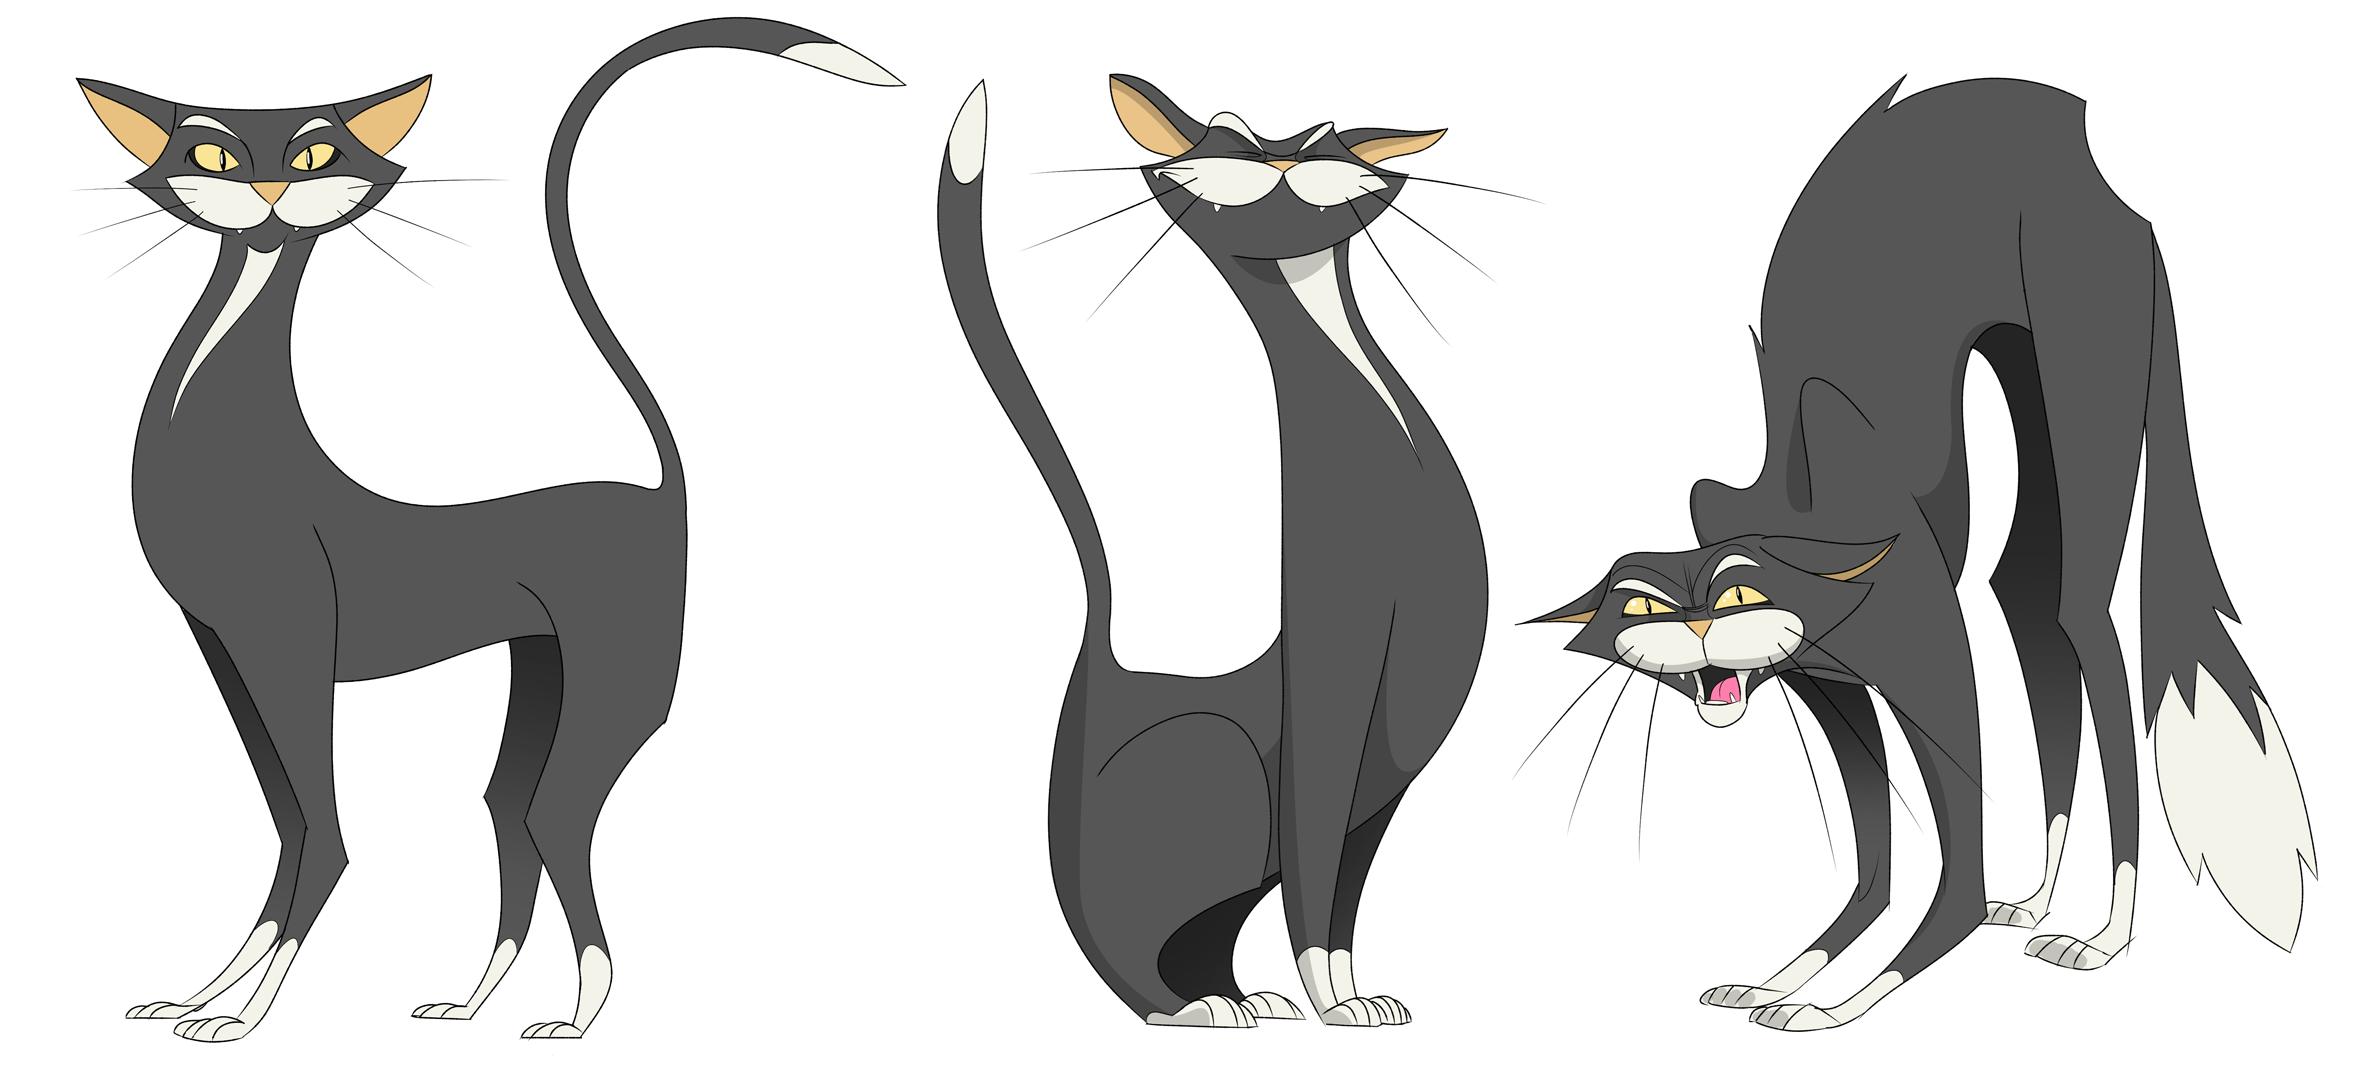 Gat / Gato